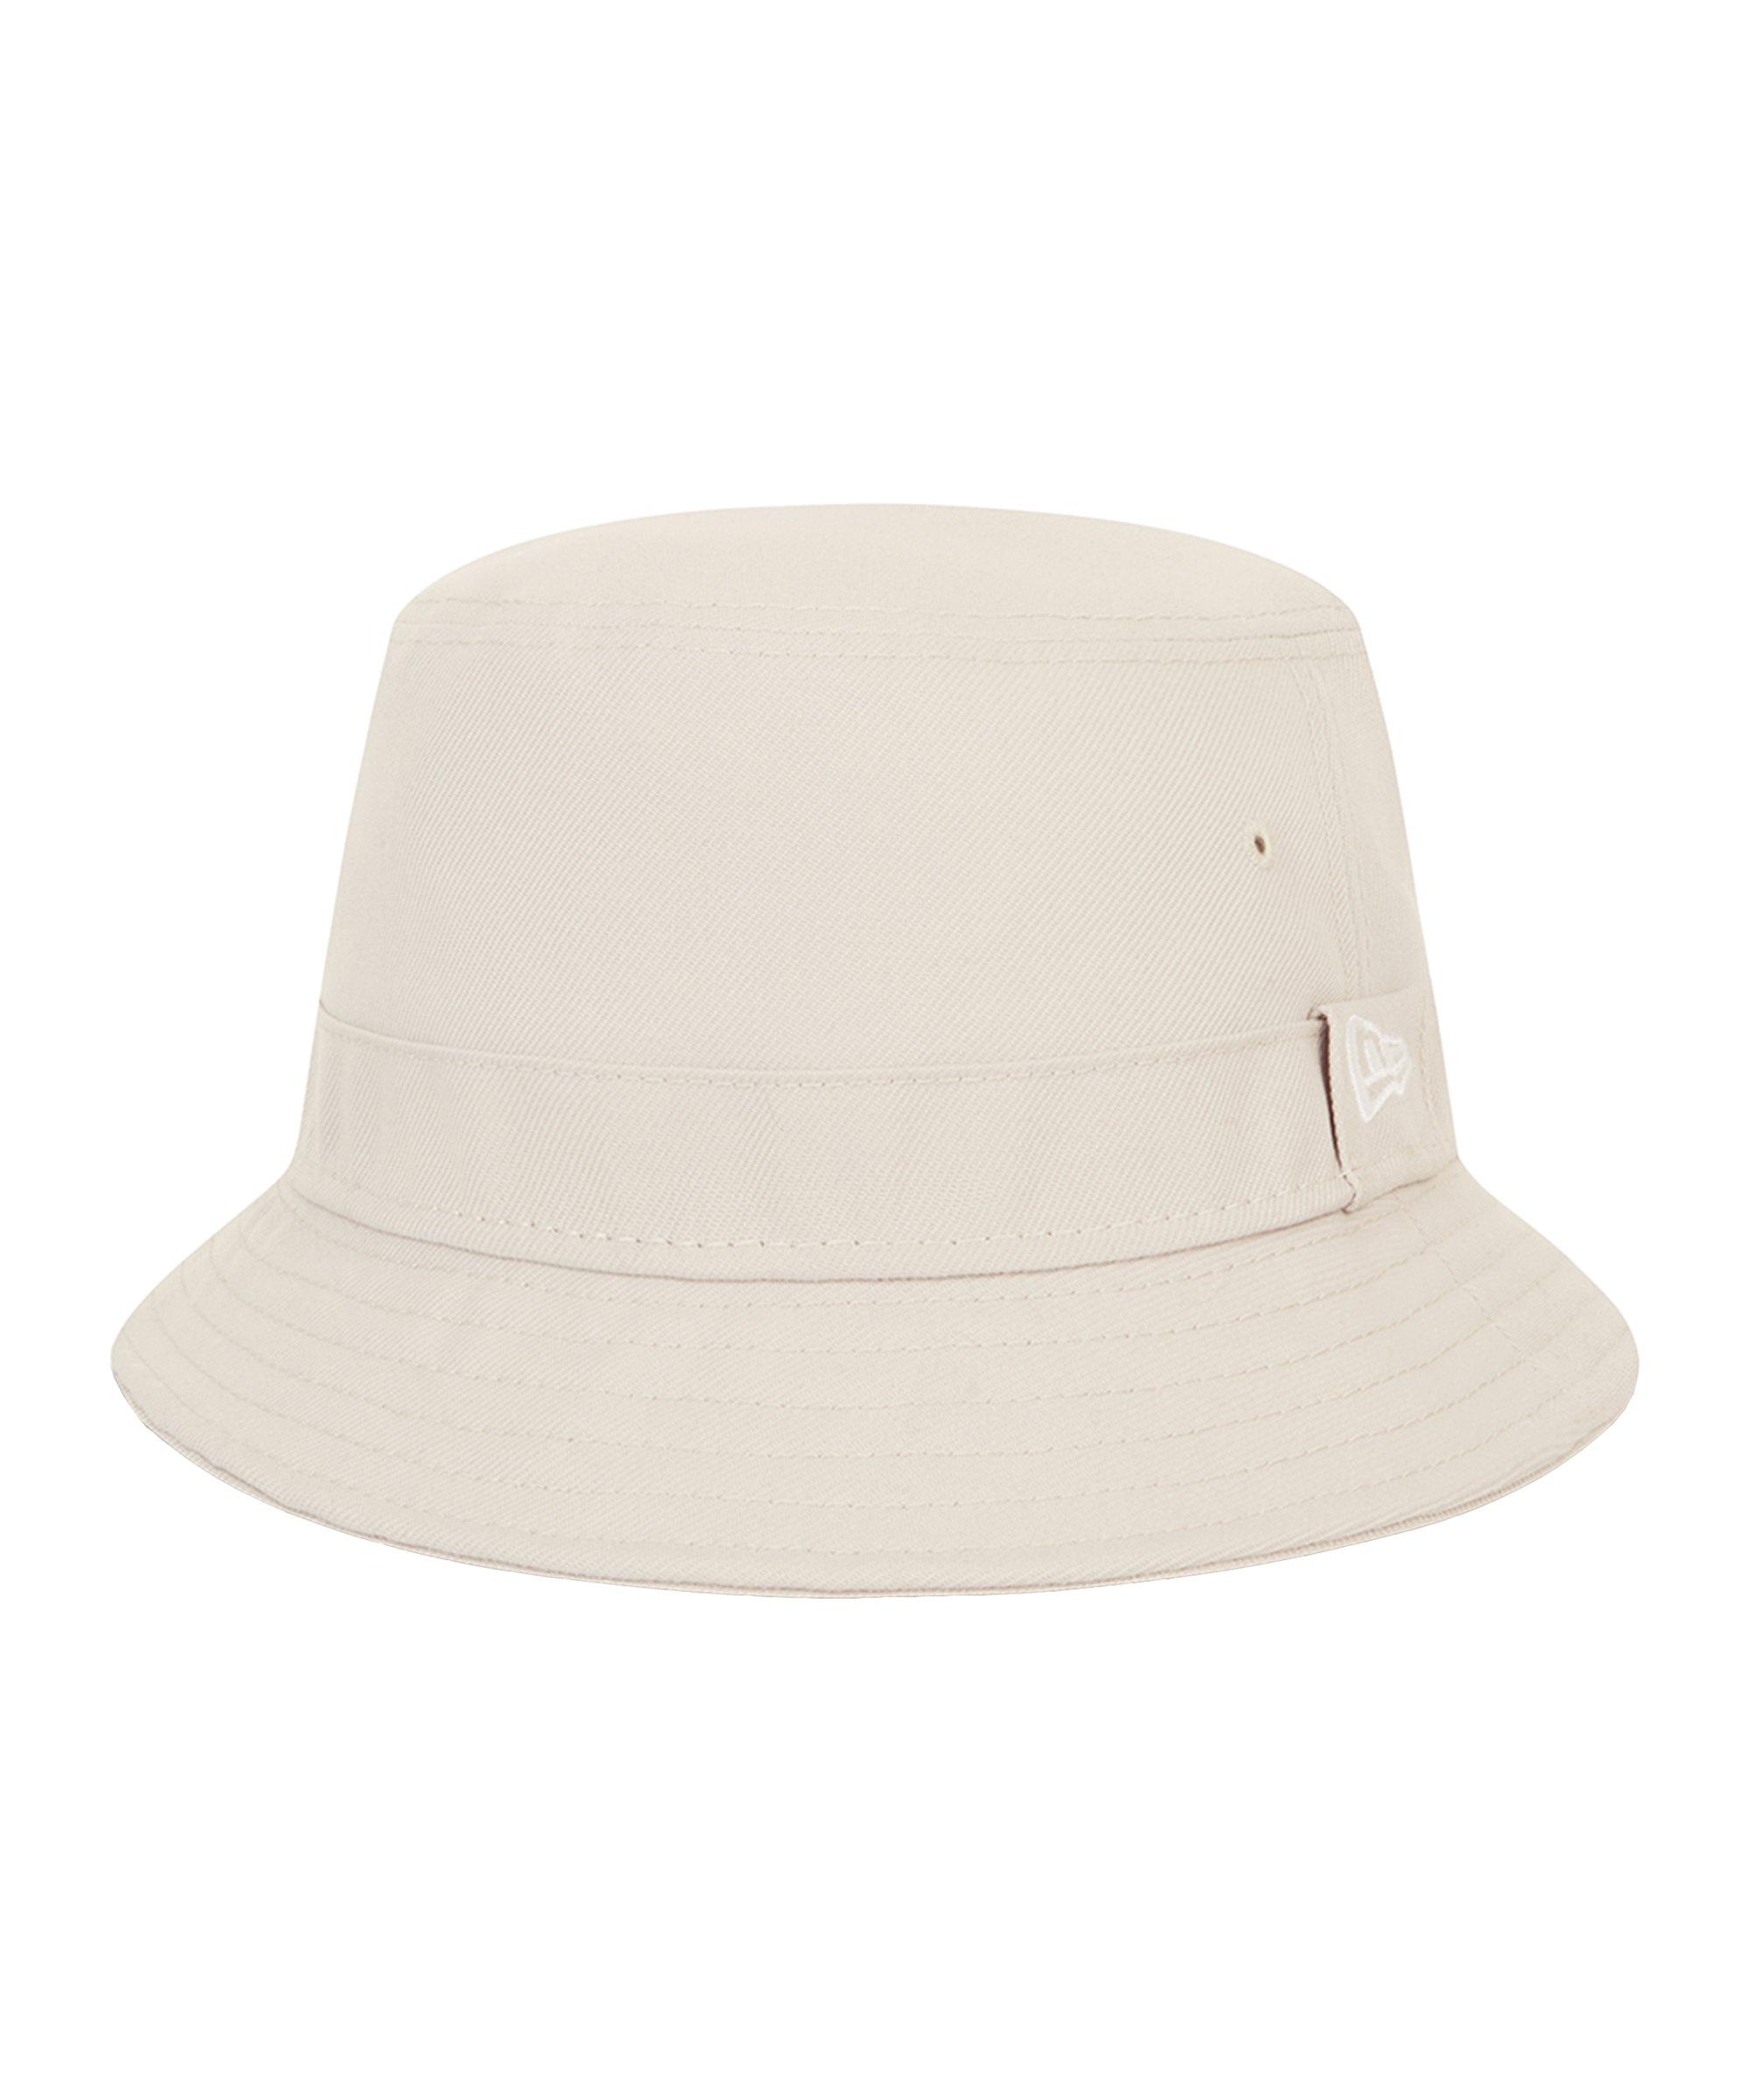 New Era Essential Bucket Hat Beige FSTN - beige